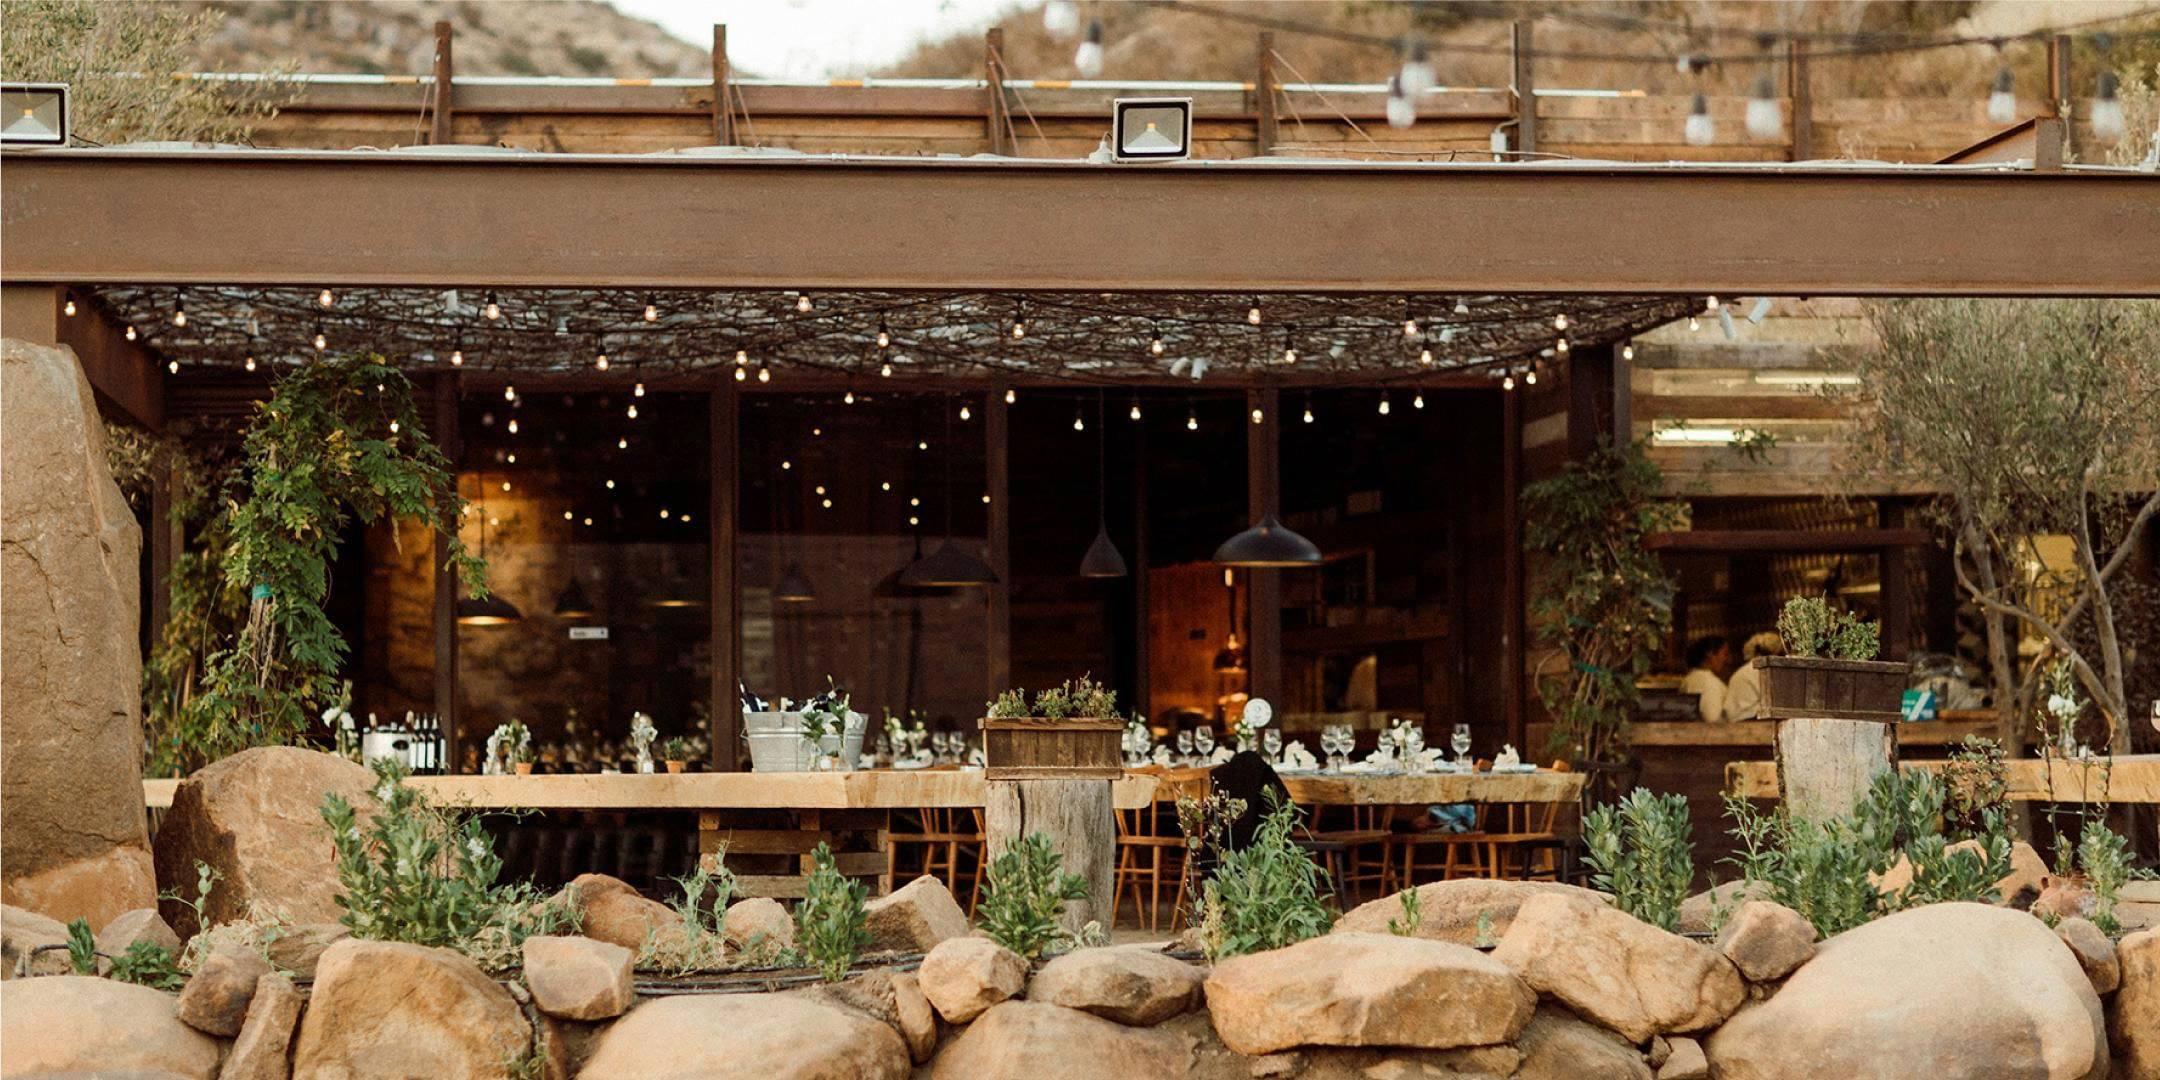 7 restaurantes con mucho encanto que tienes que conocer en Valle de Guadalupe